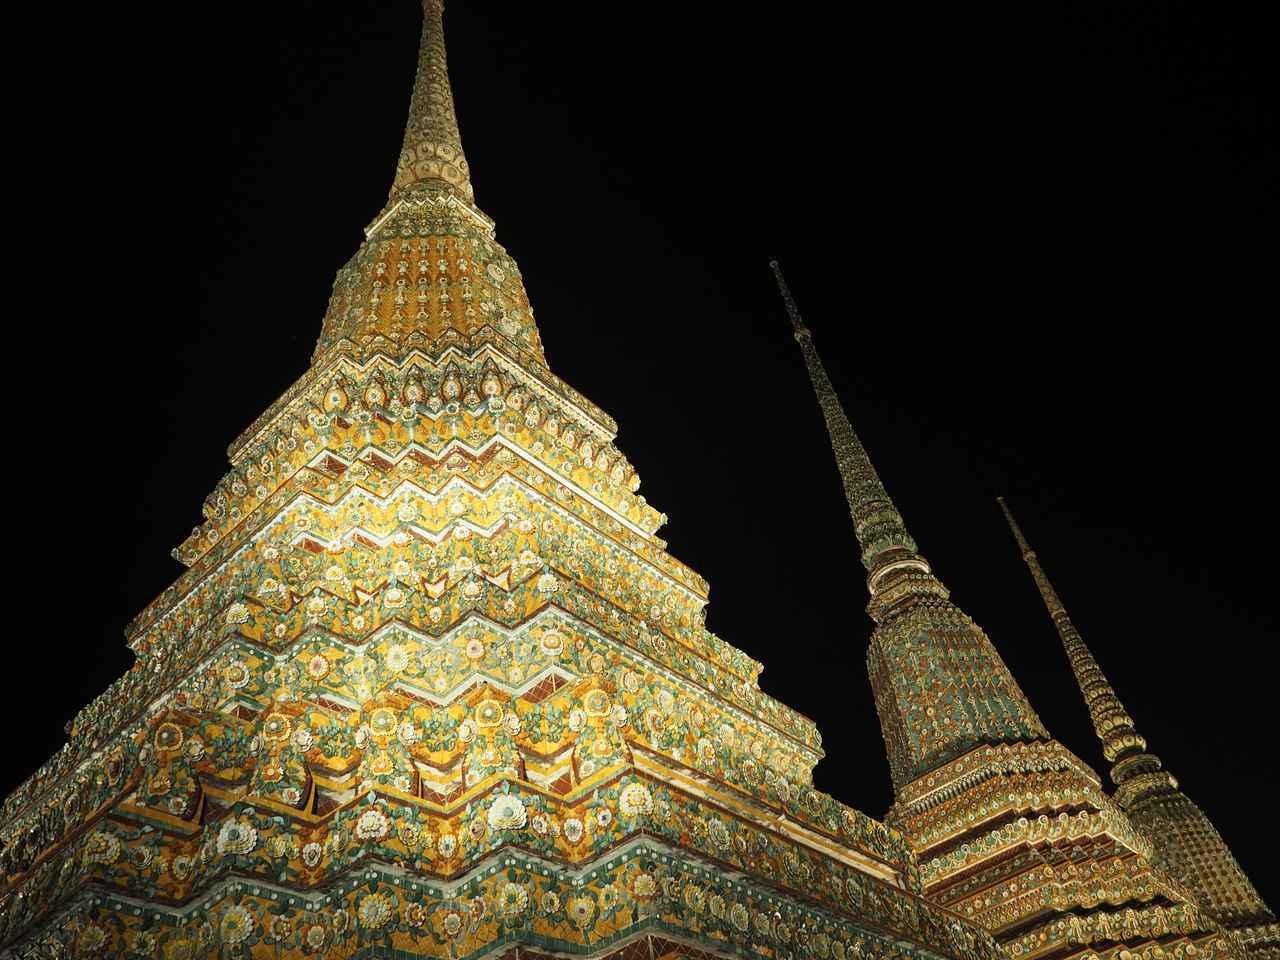 画像6: 20:00 トゥクトゥクグルメツアーでバンコクのグルメを堪能(所要時間約4時間)